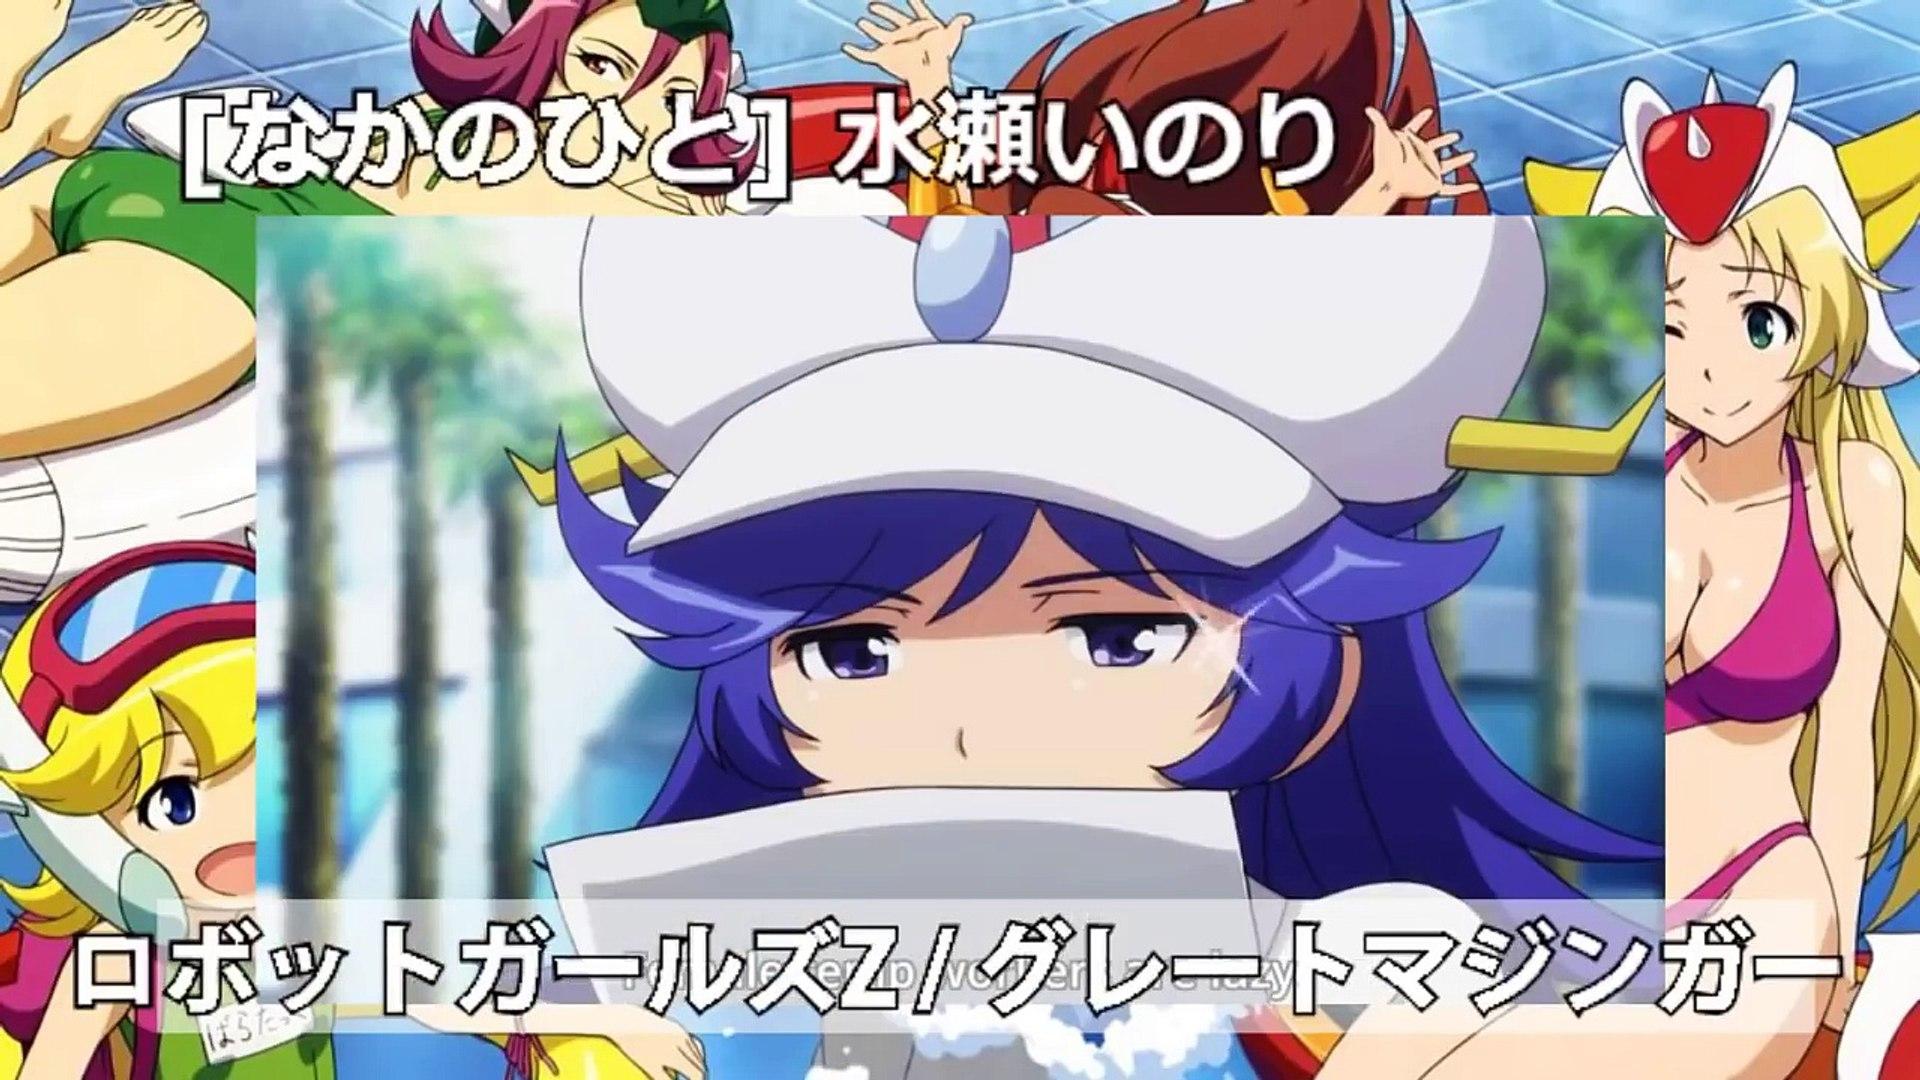 なかのひと 01 水瀬いのり アニキャラ集 Video Dailymotion